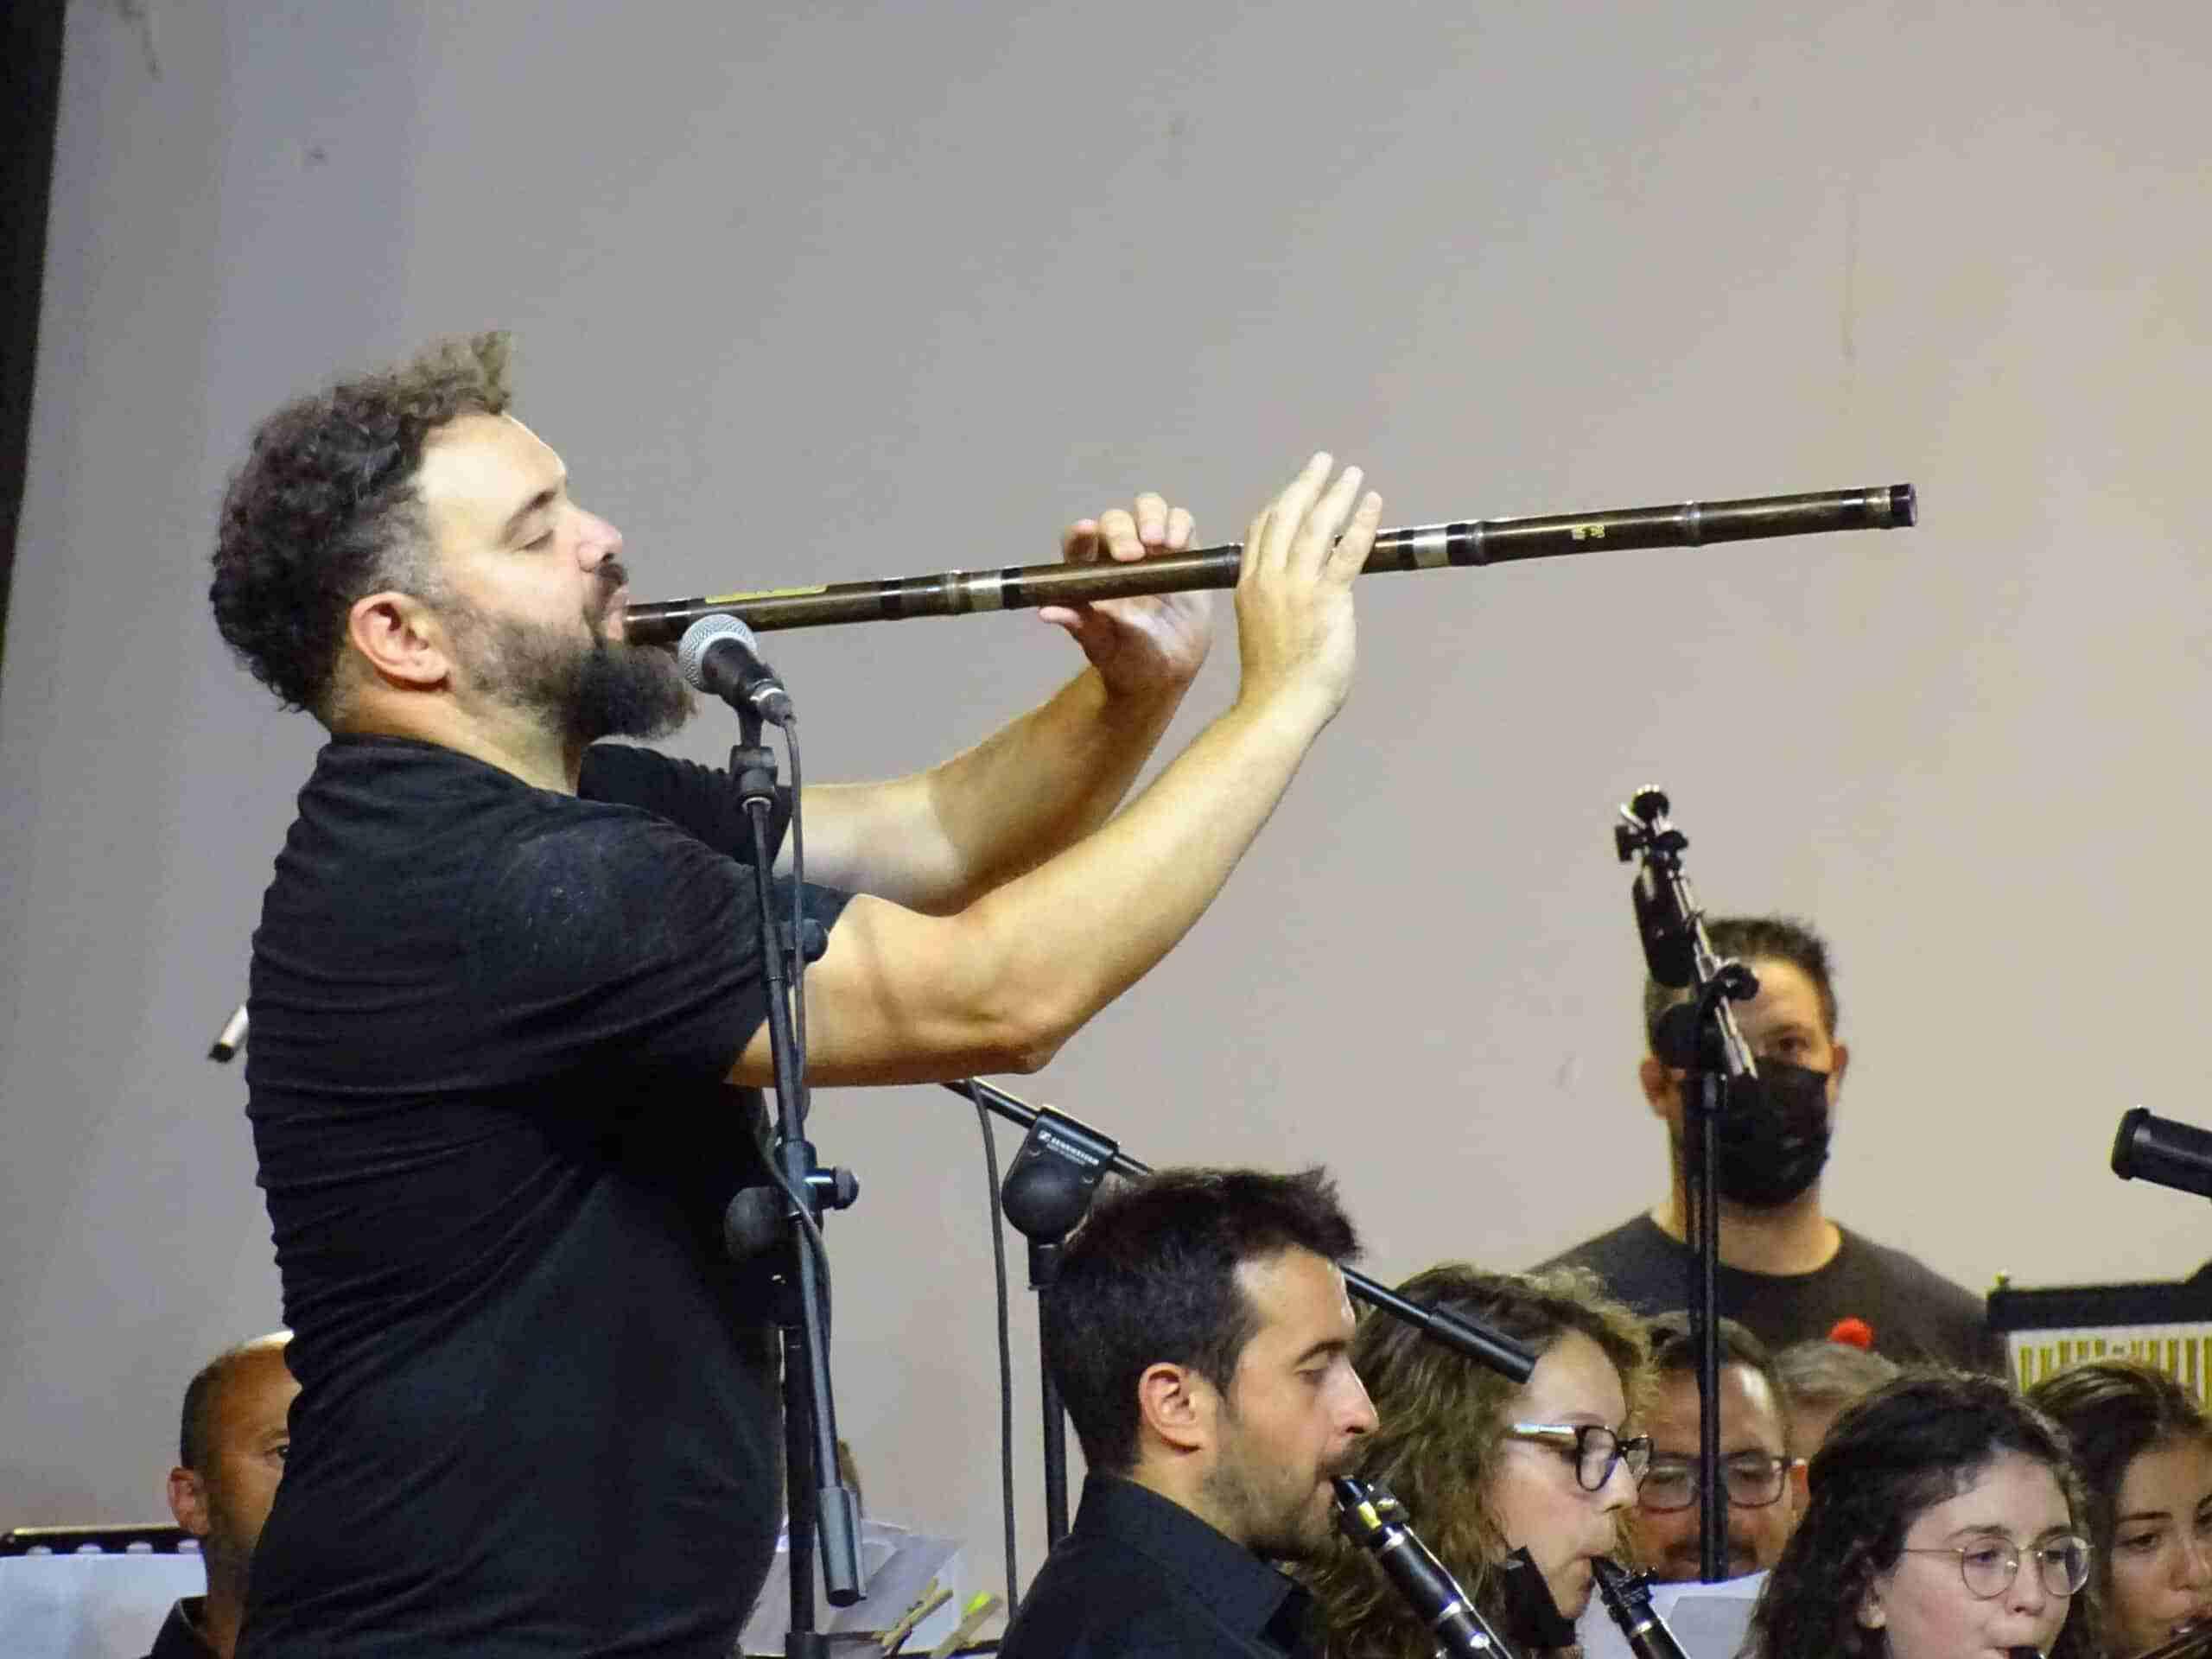 Magistral concierto de la Banda Sinfónica Municipal y el multiinstrumentista Abraham Cupeiro para cerrar el Festival de Musica 14